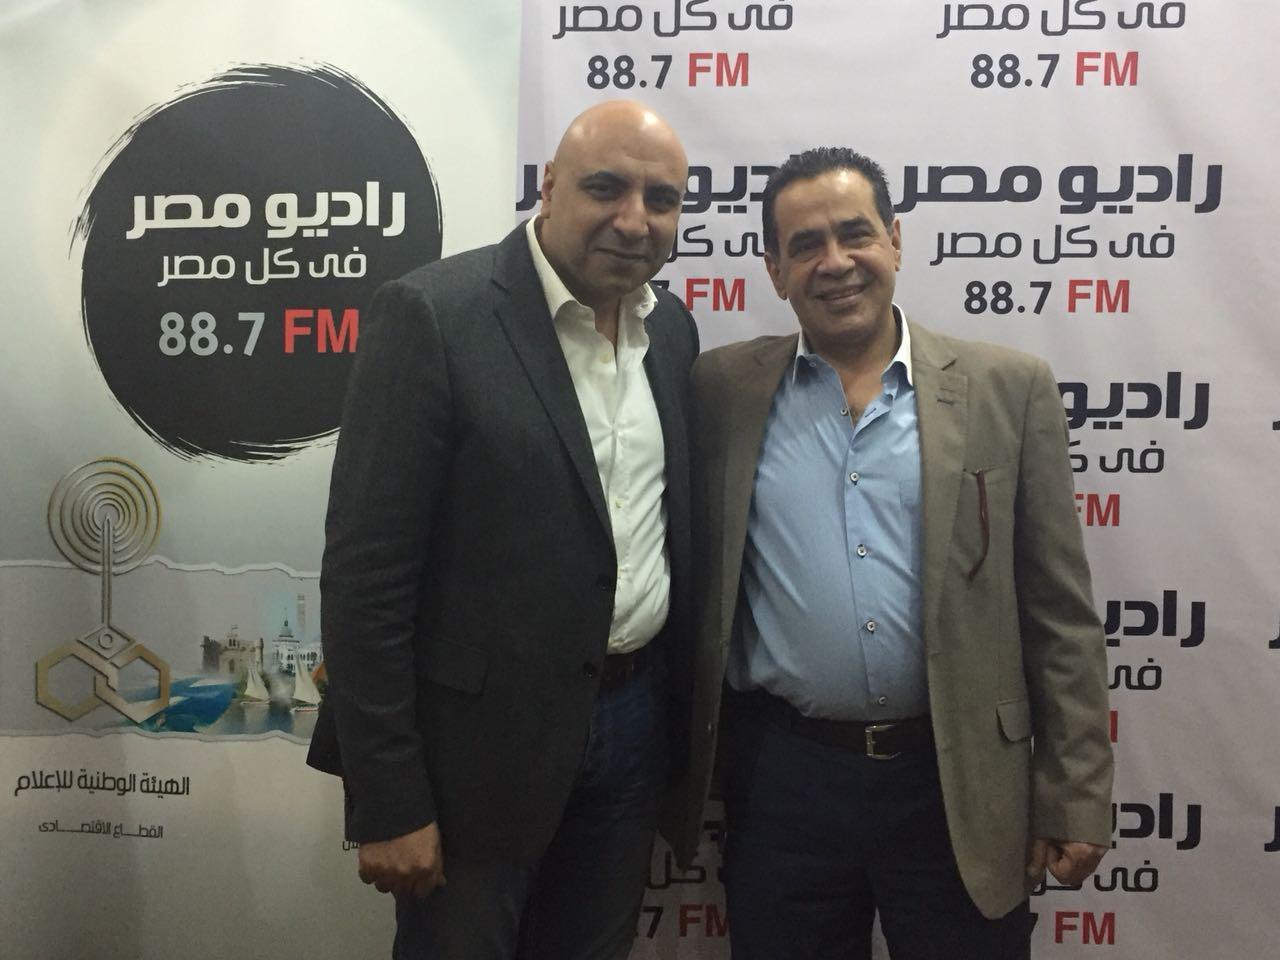 احتفالية راديو مصر (16)